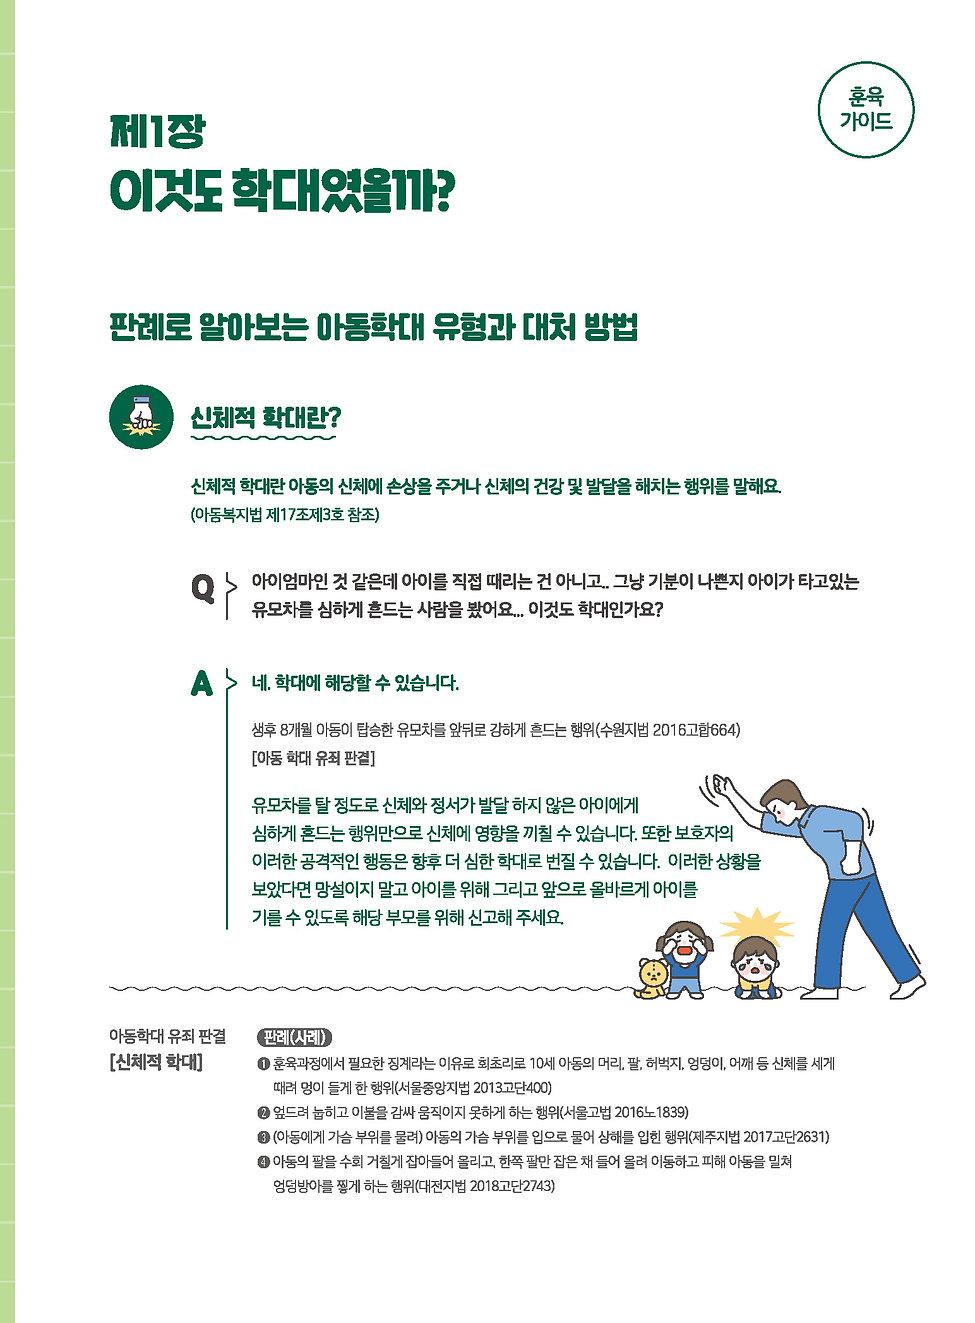 최종)훈육가이드(송부용)_페이지_03.jpg